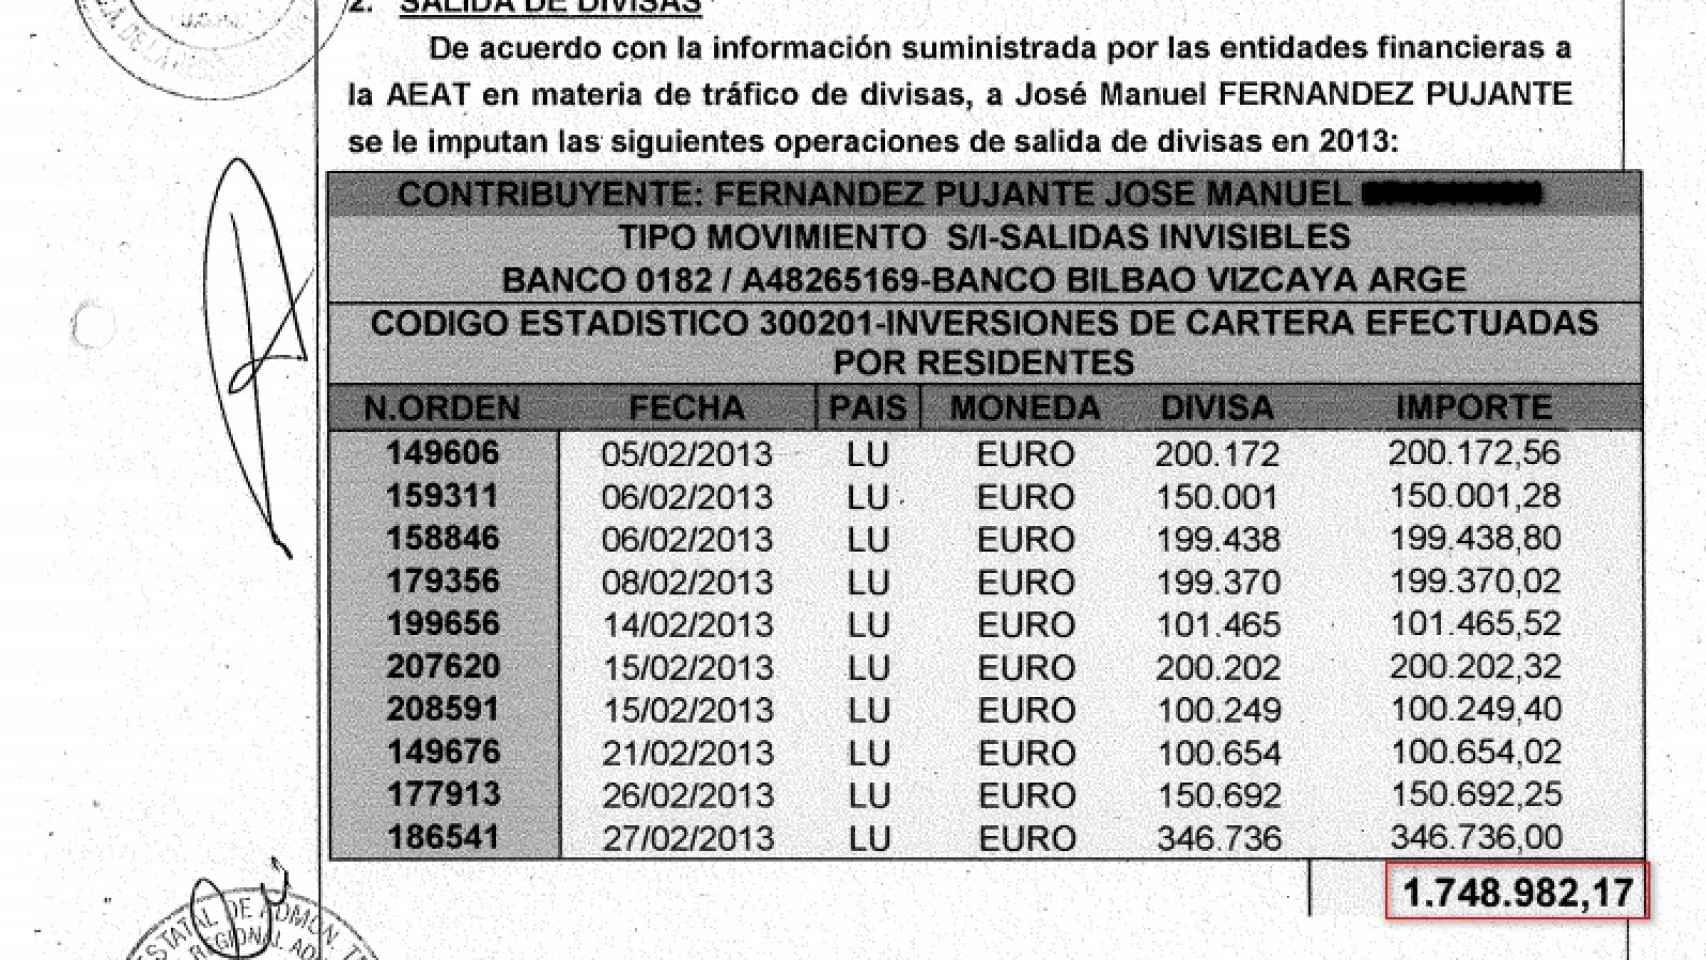 Cuadro con las salidas de dinero a Luxemburgo ordenadas por J.M. Fernández Pujante.